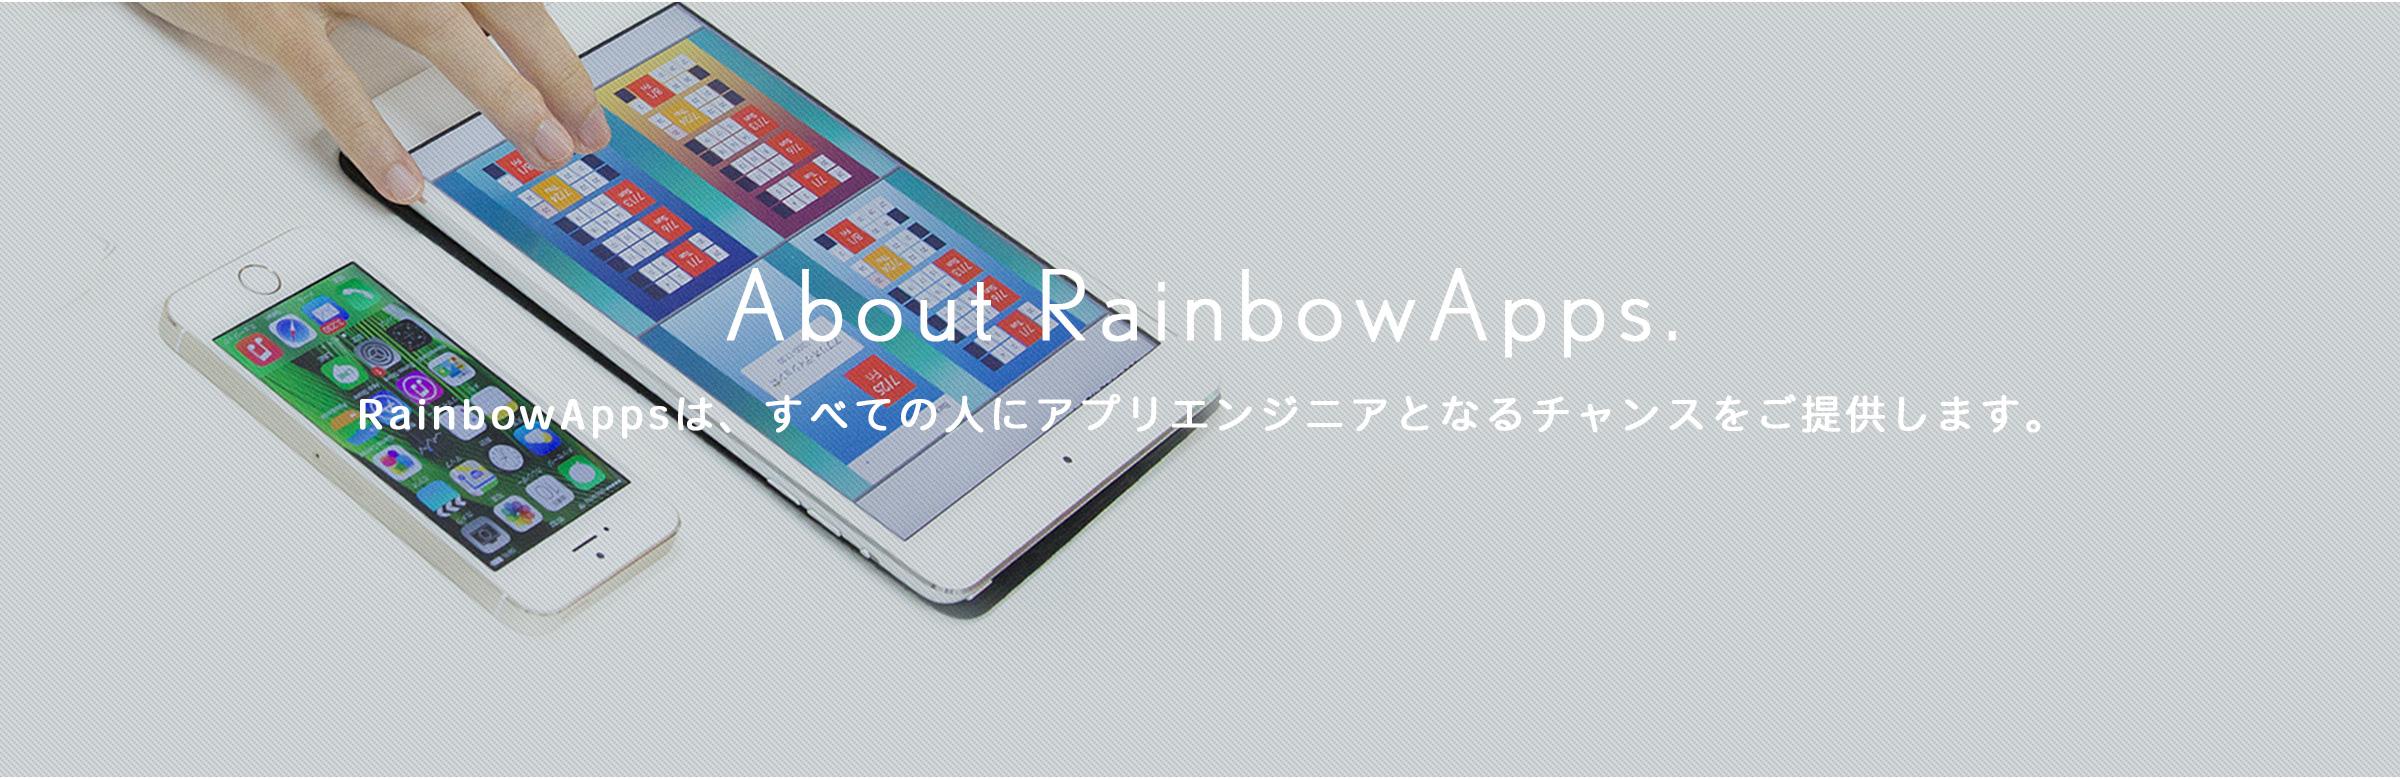 About RainbowApps. RainbowAppsは、すべての人にアプリエンジニアとなるチャンスをご提供します。